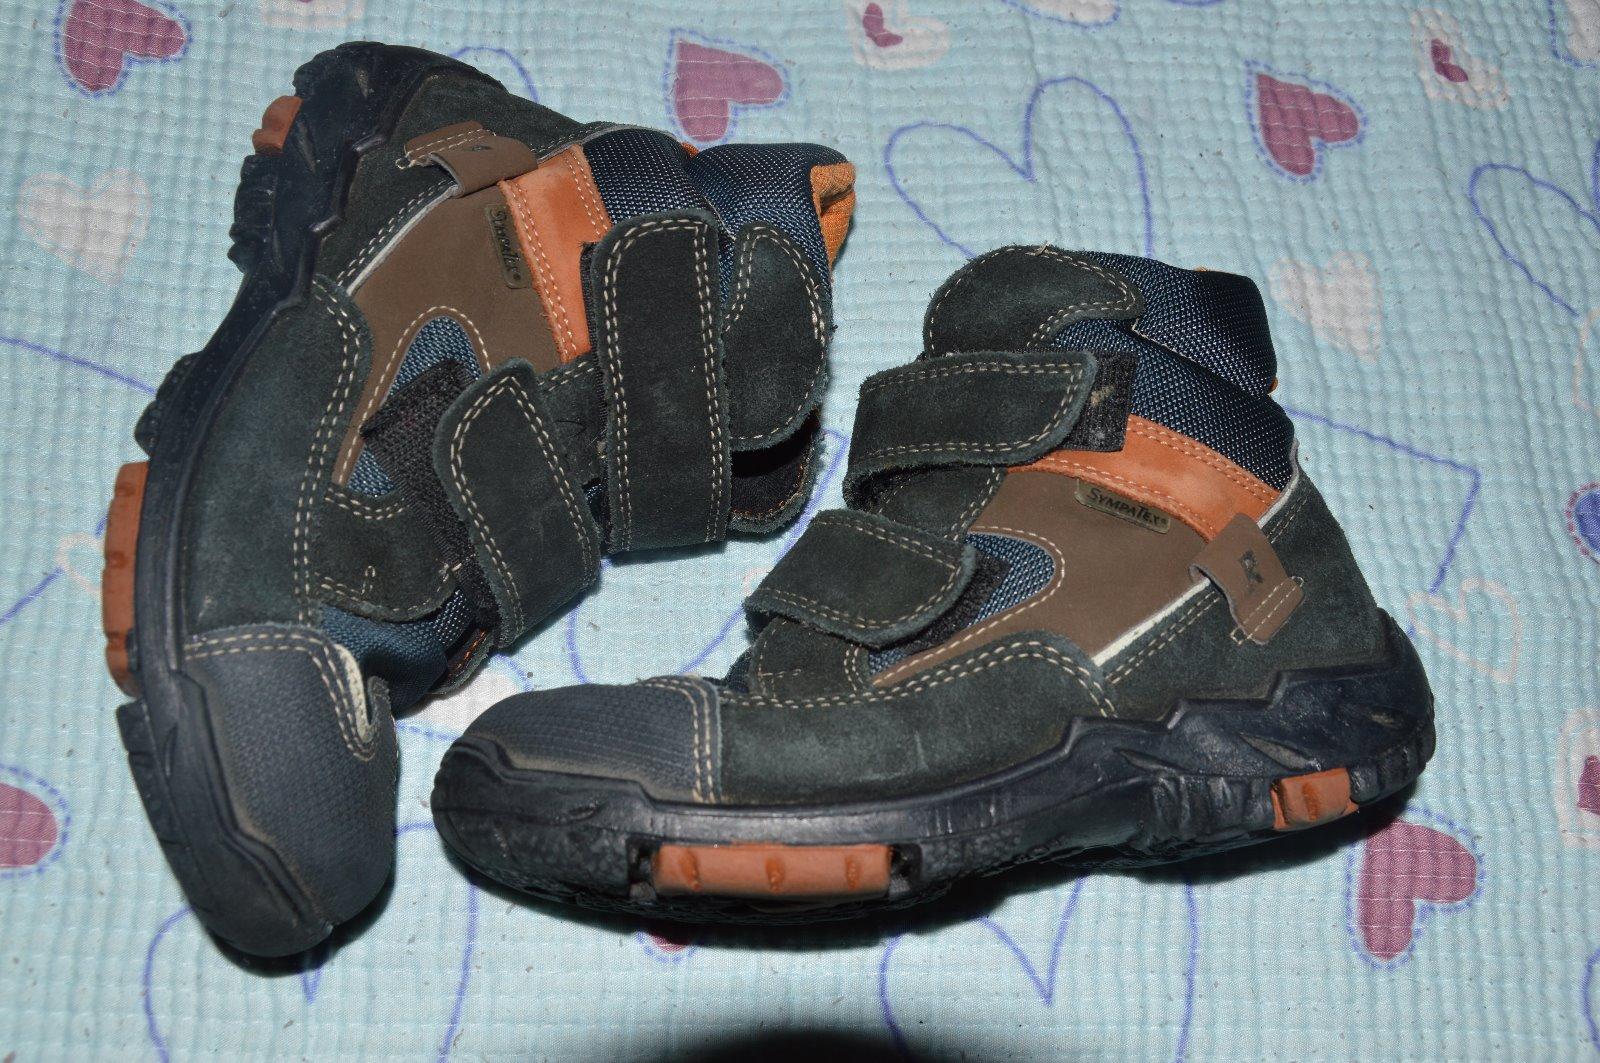 f80f808def0 Zobraz celé podmínky. Nepromokavé zimní přechodové boty sympatex ...